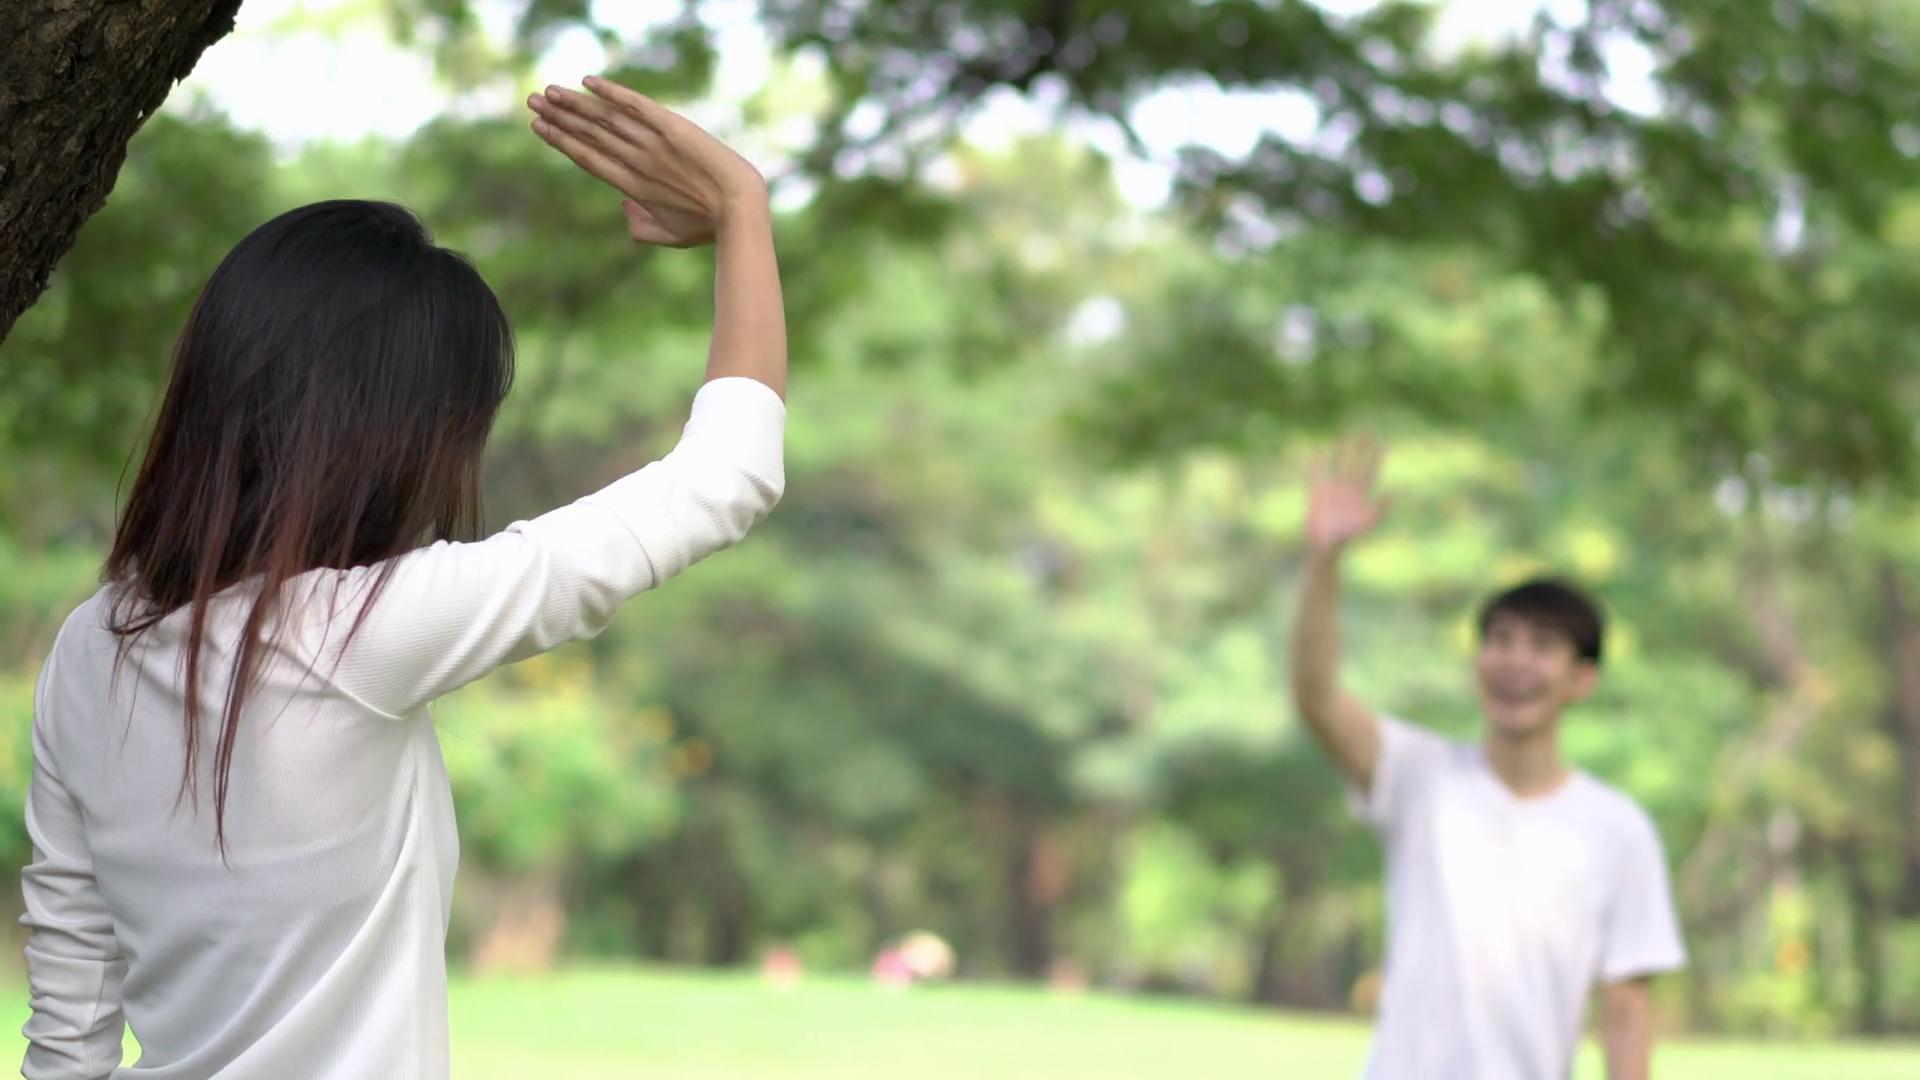 عاشقی به وقت امتحانات ... : تصویری لحظه ای از عشق